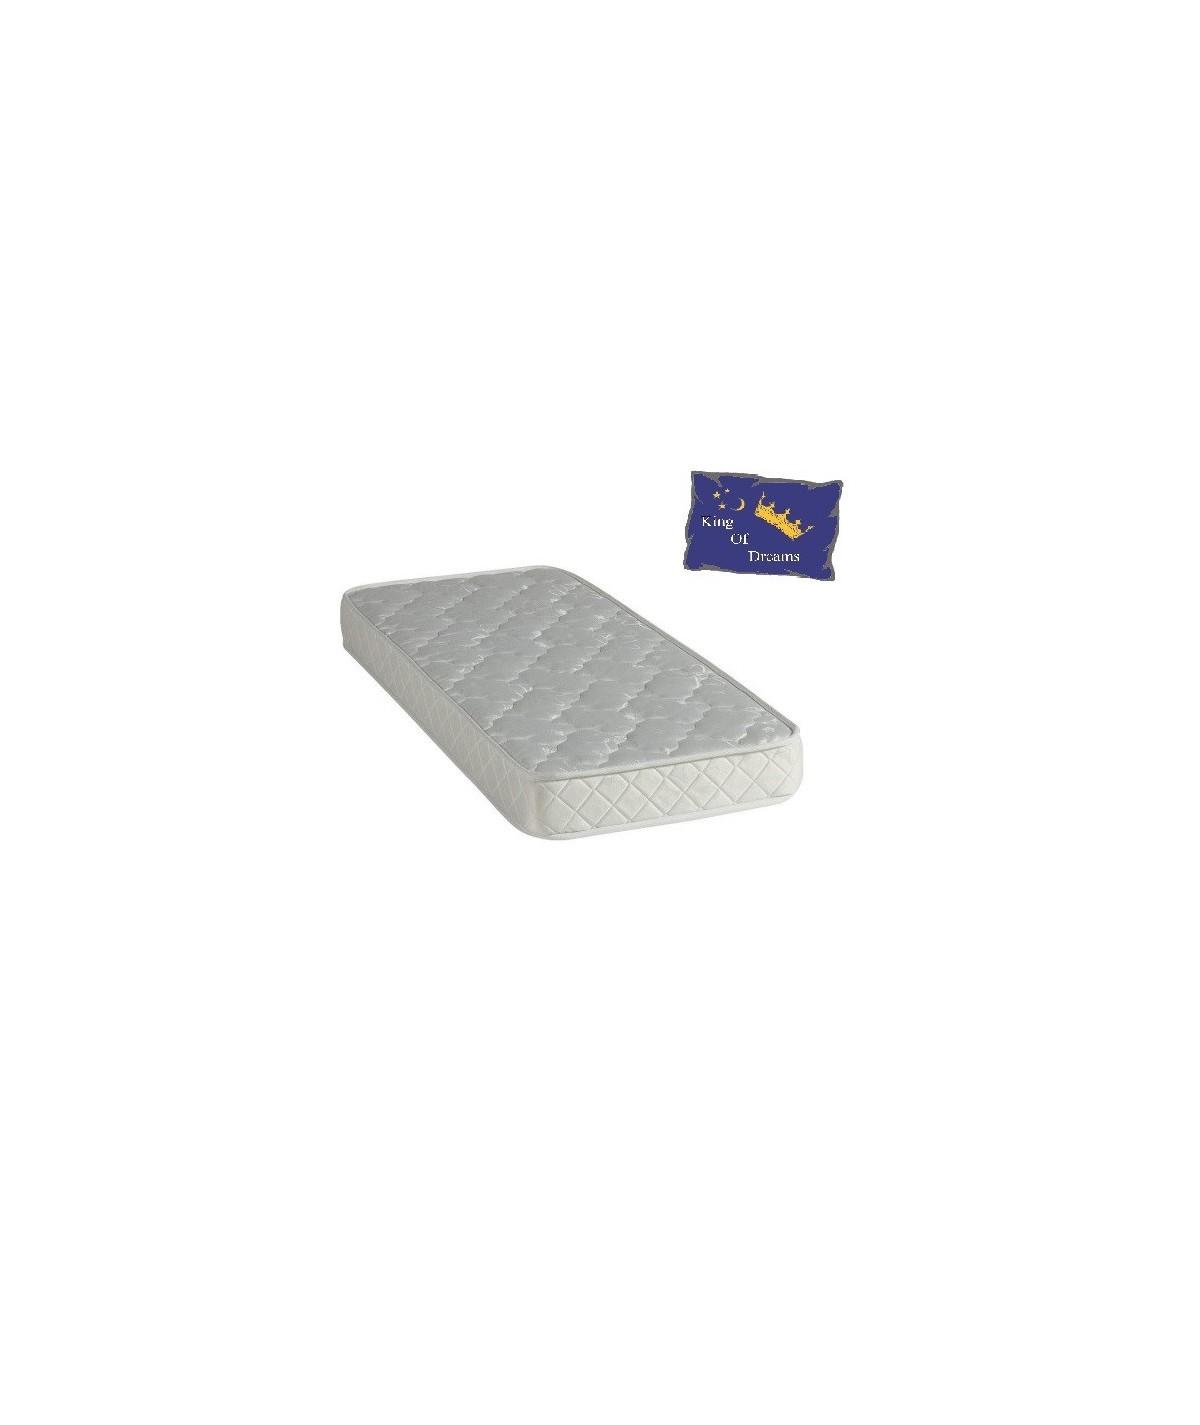 Matelas Latex Naturel-Tissu Strech très résistant - Hauteur 15 cm - Soutien Equilibré - Orthopédique GOLD15